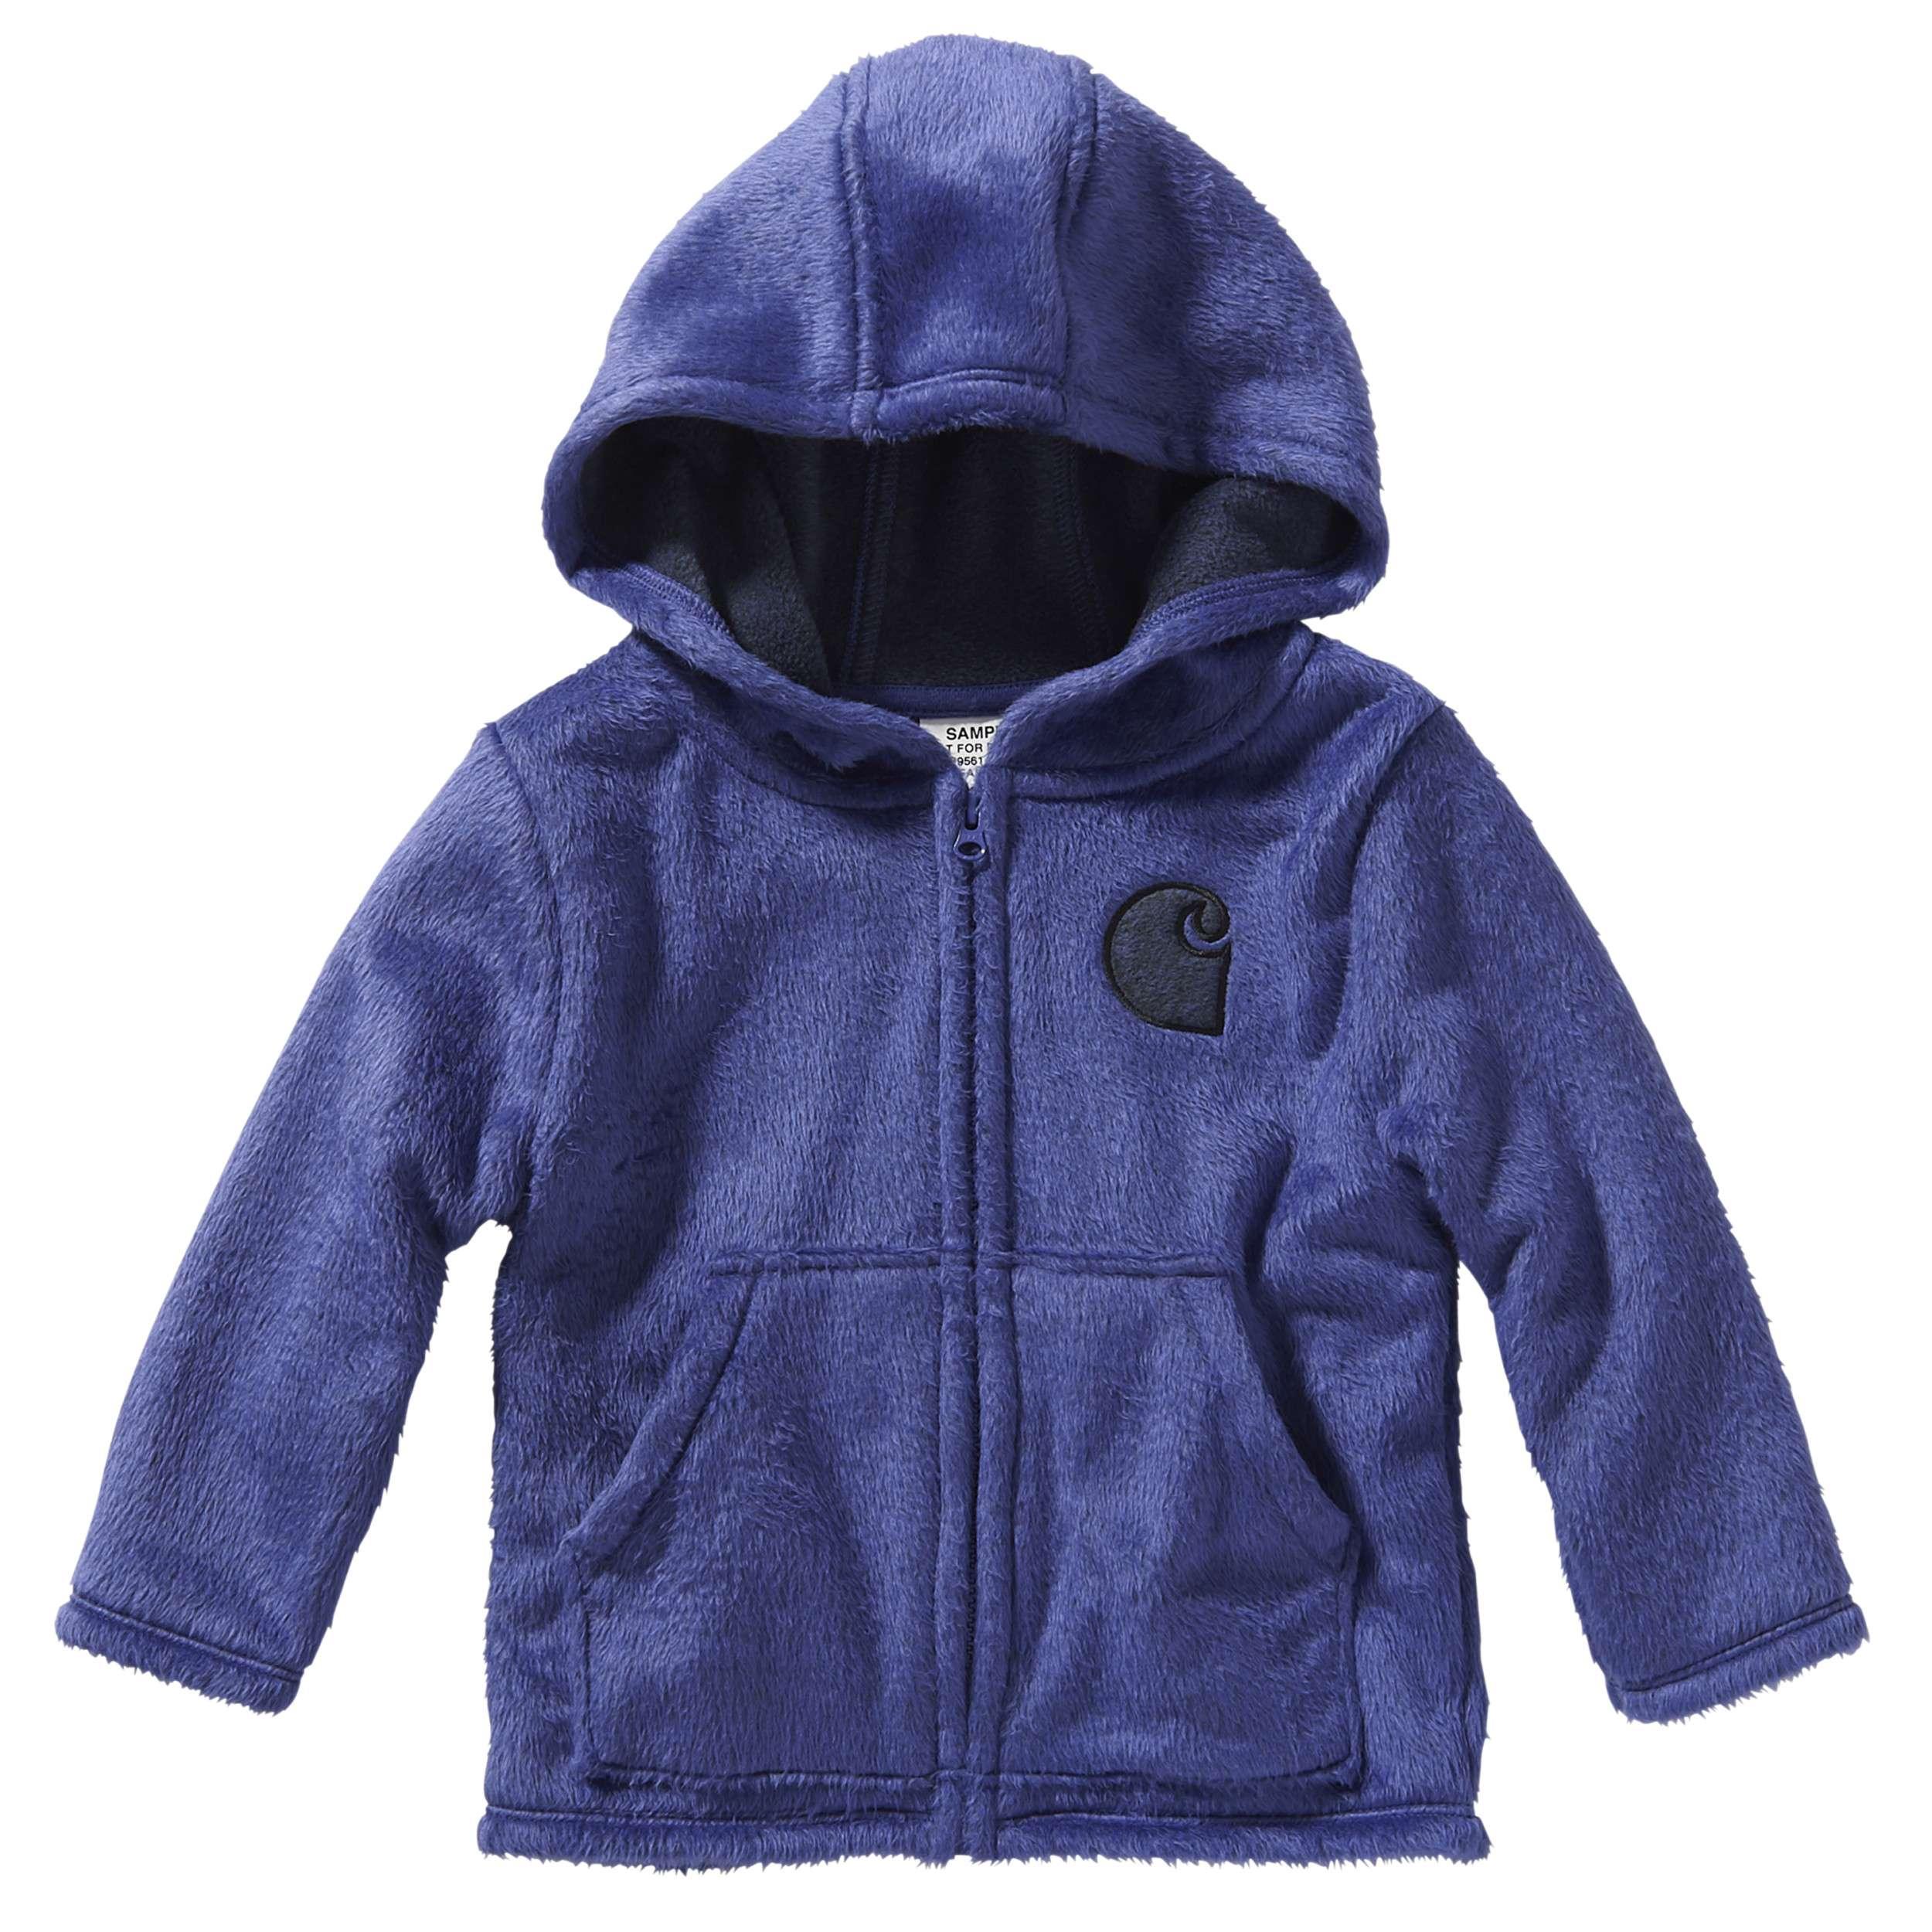 Hooded Cozy Fleece Jacket